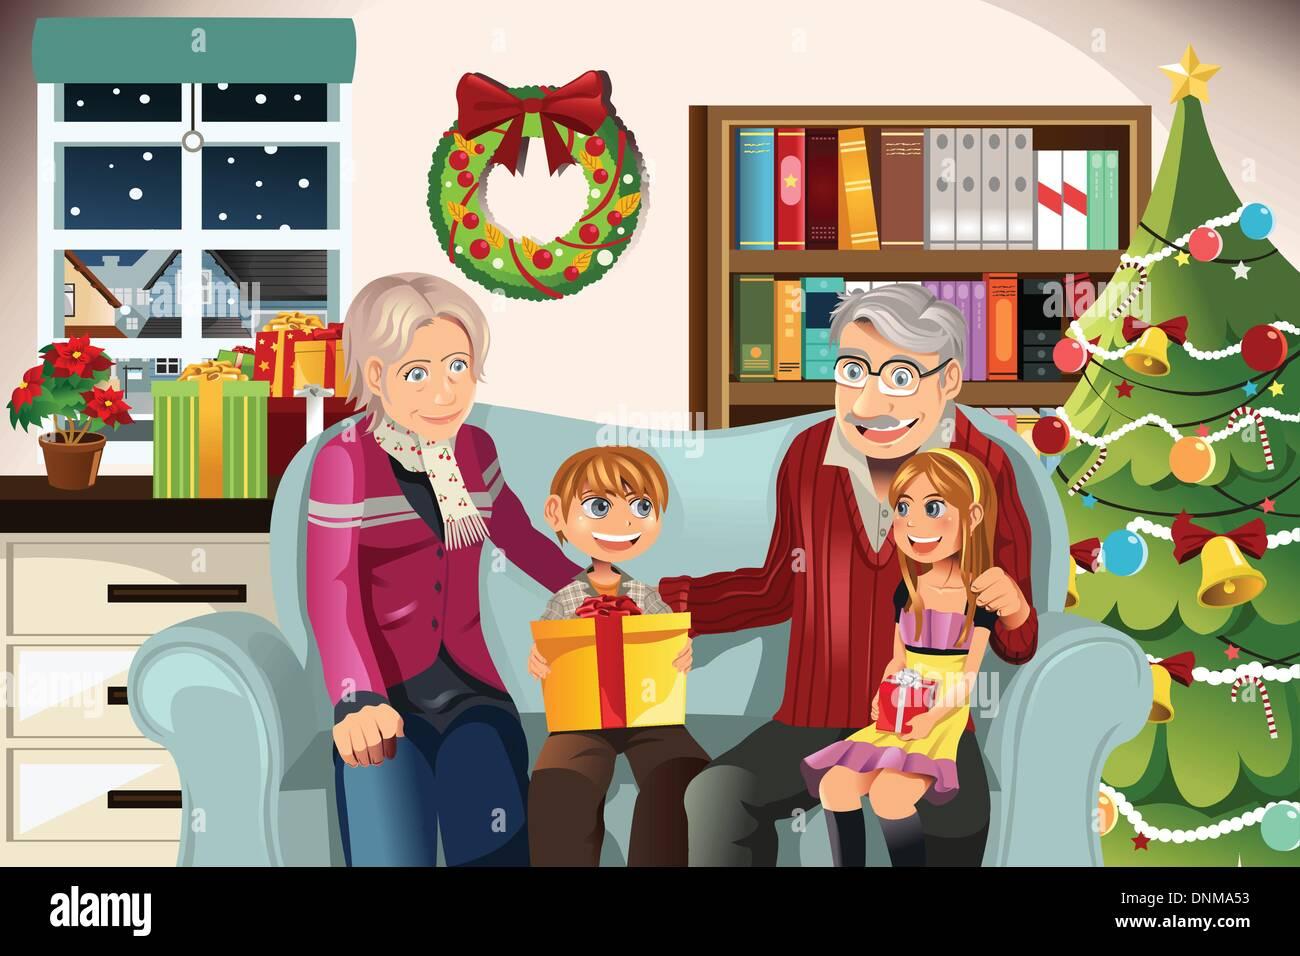 Regali Di Natale Per Nonni.Una Illustrazione Vettoriale Di Nonni Offrendo Regali Di Natale Per I Nipoti Immagine E Vettoriale Alamy